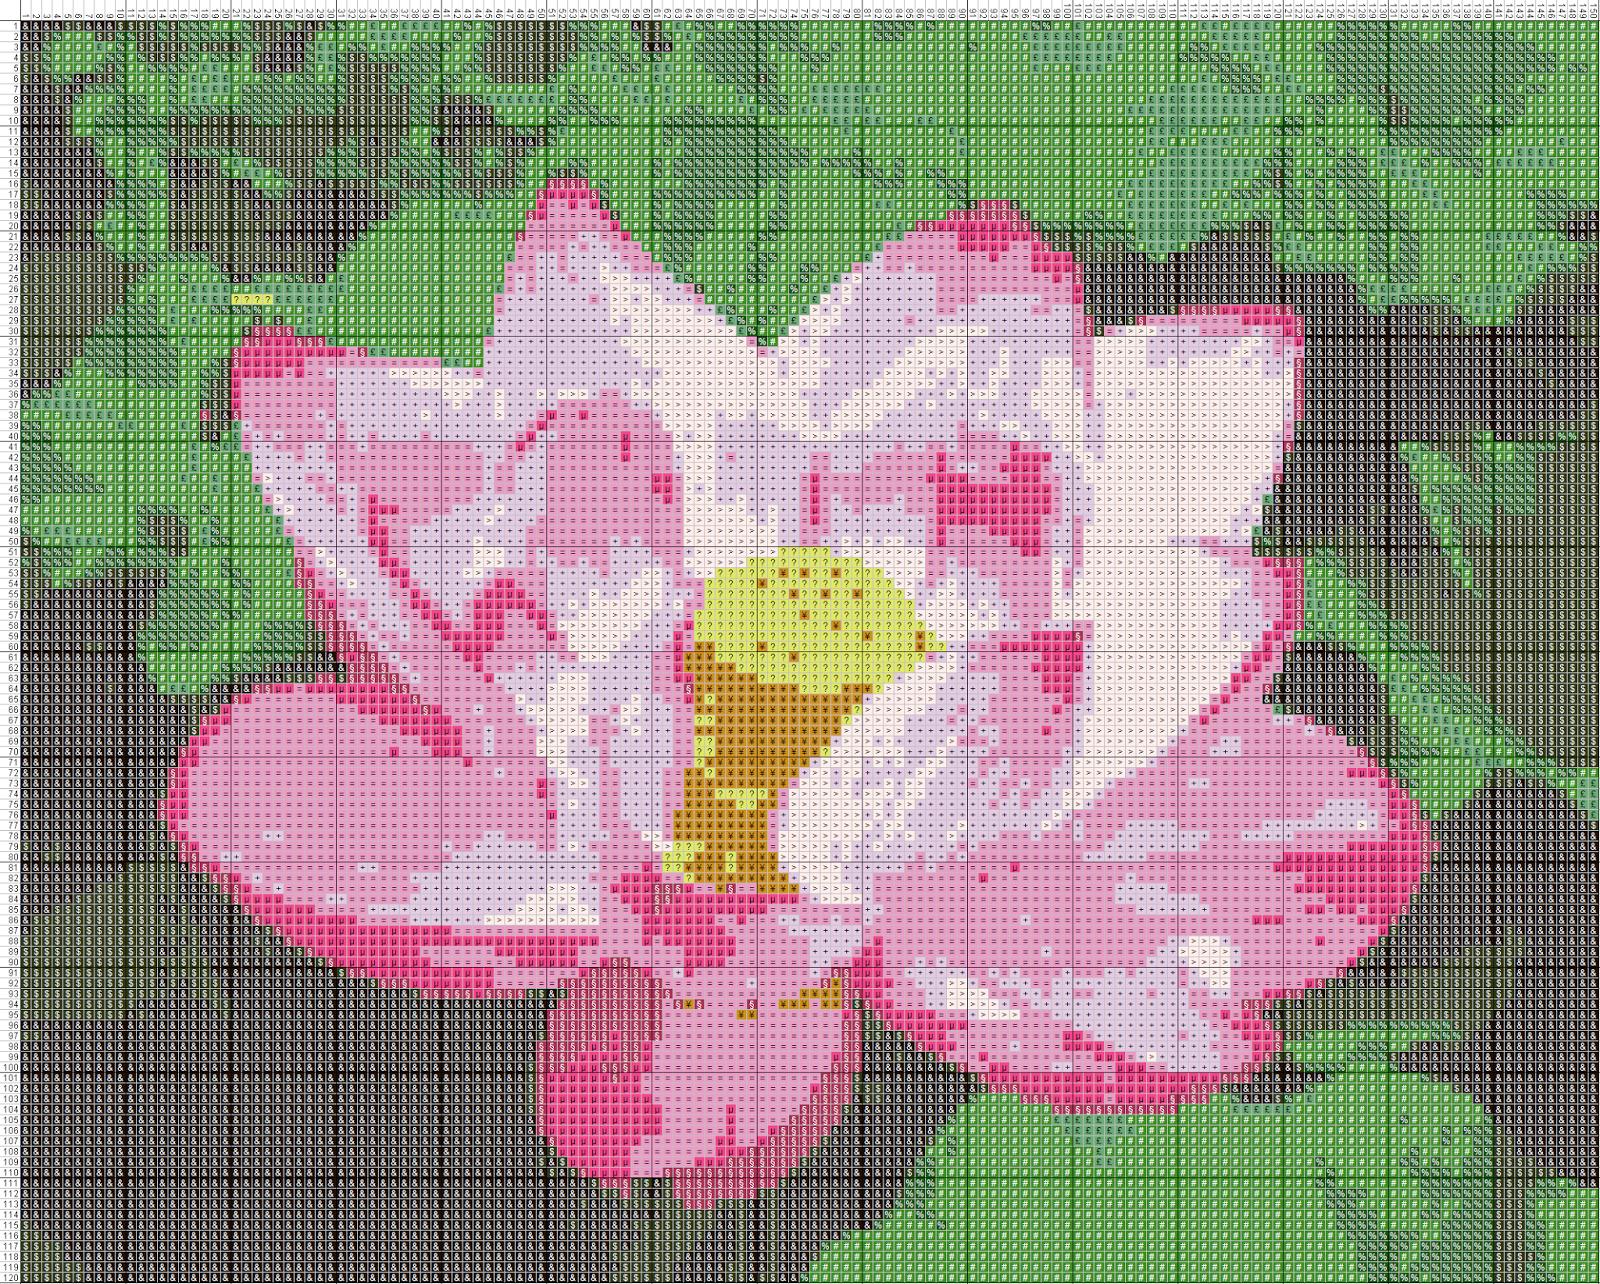 Gambar Pola Kristik Bunga Teratai 2 Free Cross Stitch Pattern